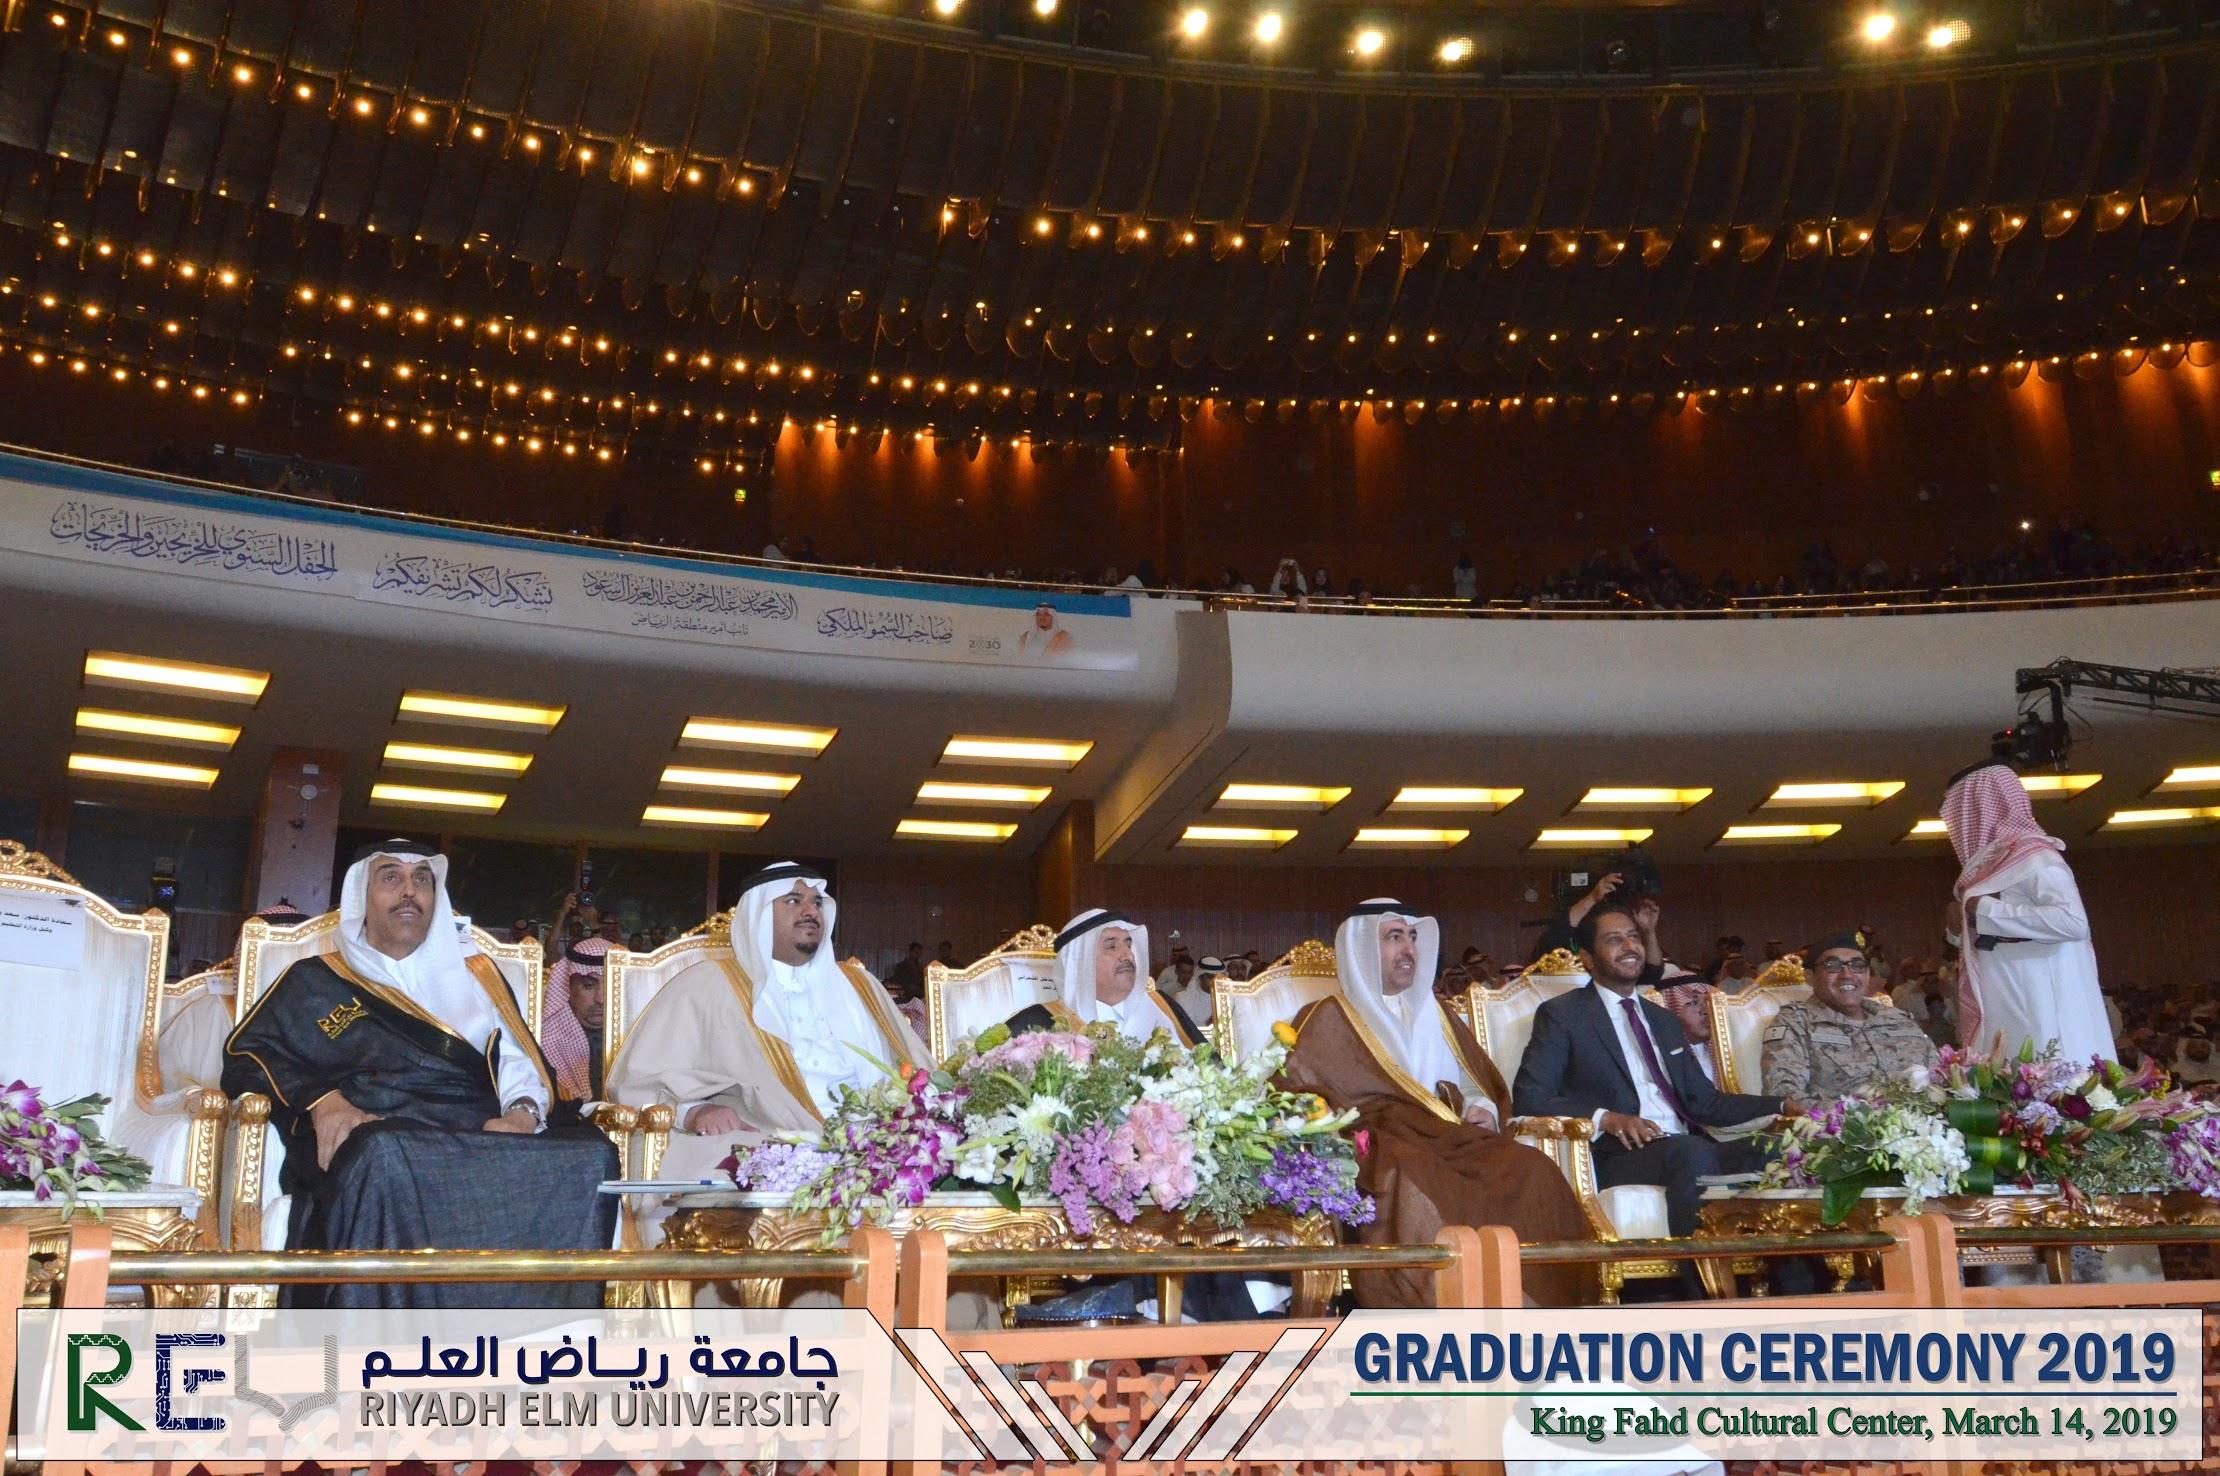 الجزيرة: الأمير محمد بن عبدالرحمن يرعى حفل الخريجين بجامعة رياض العلم